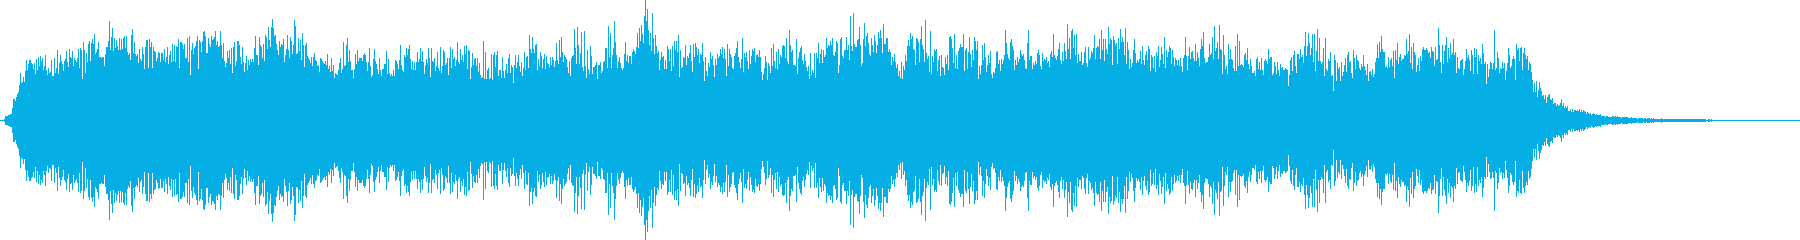 クラシカルな雰囲気のストリングスジングルの再生済みの波形